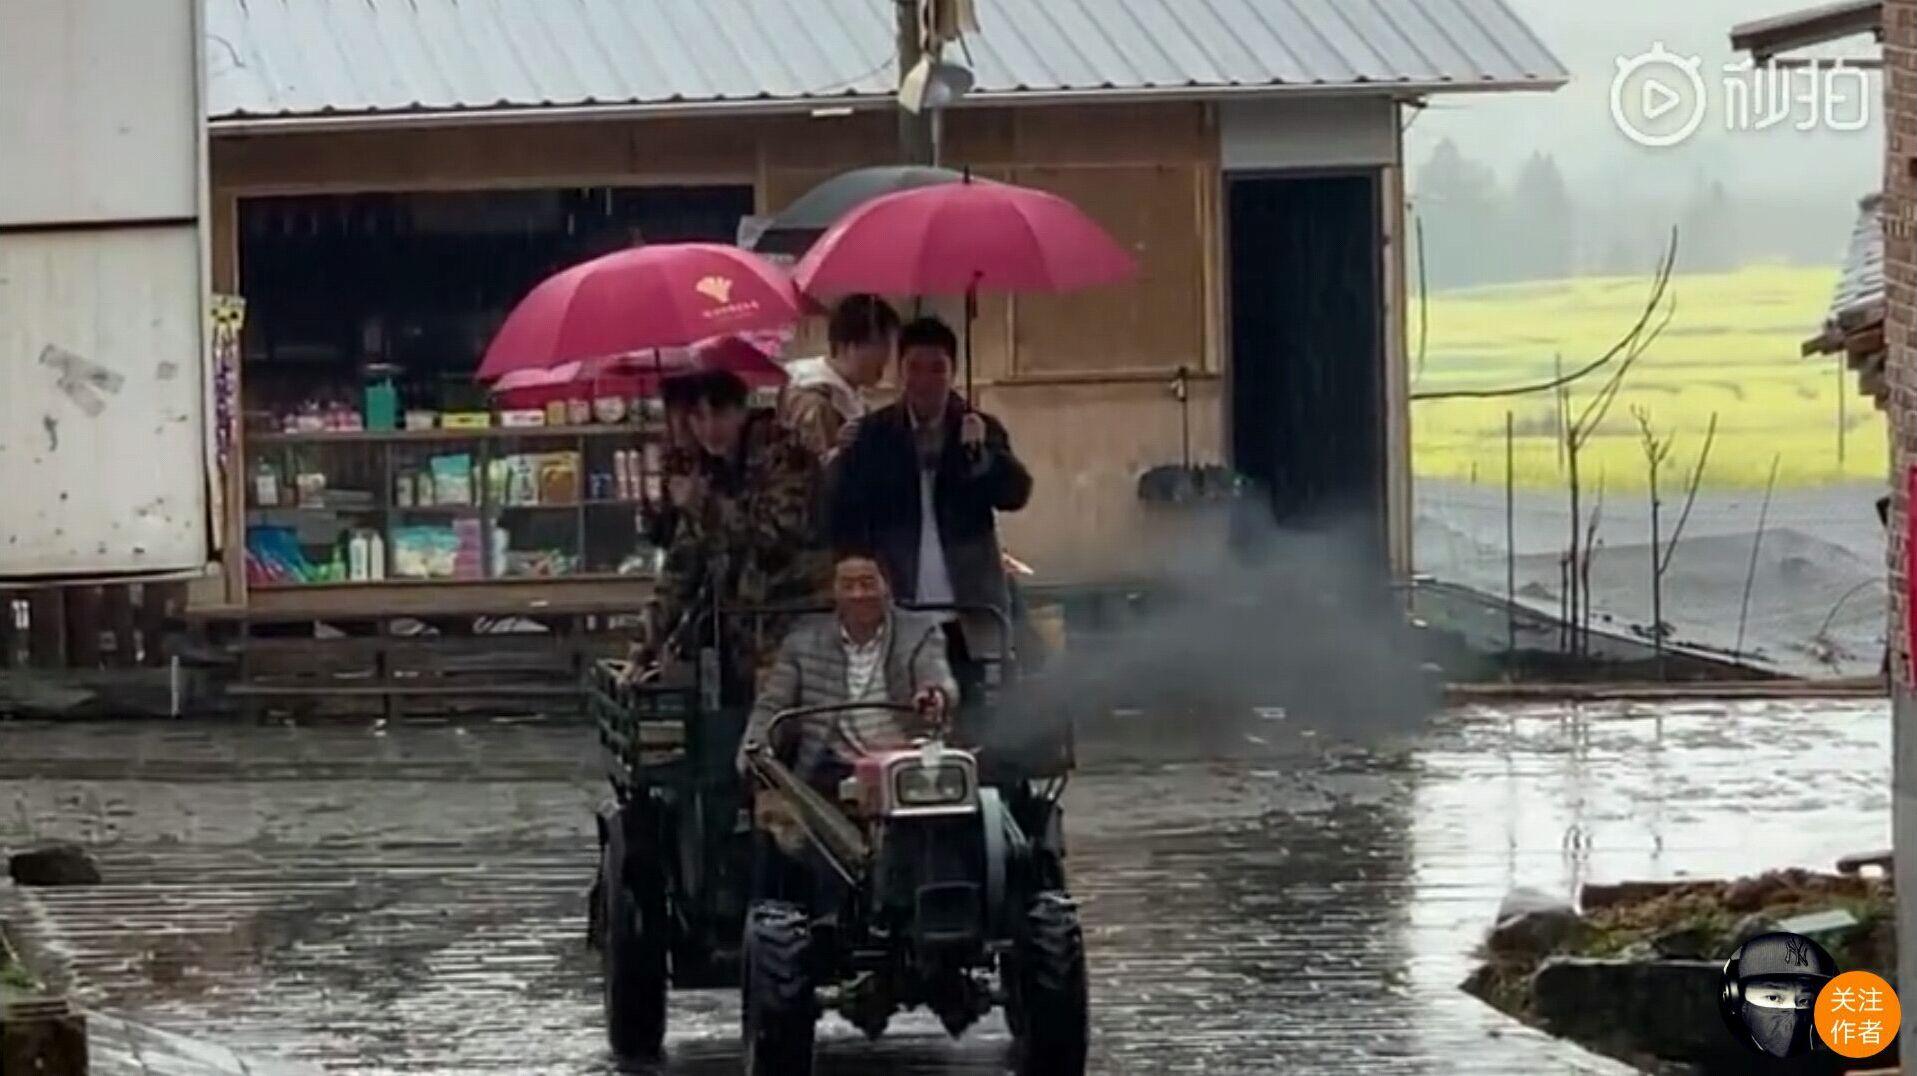 坐着拖拉机手拿菜篮子这么出场的只有王源,杨超越他们了吧!